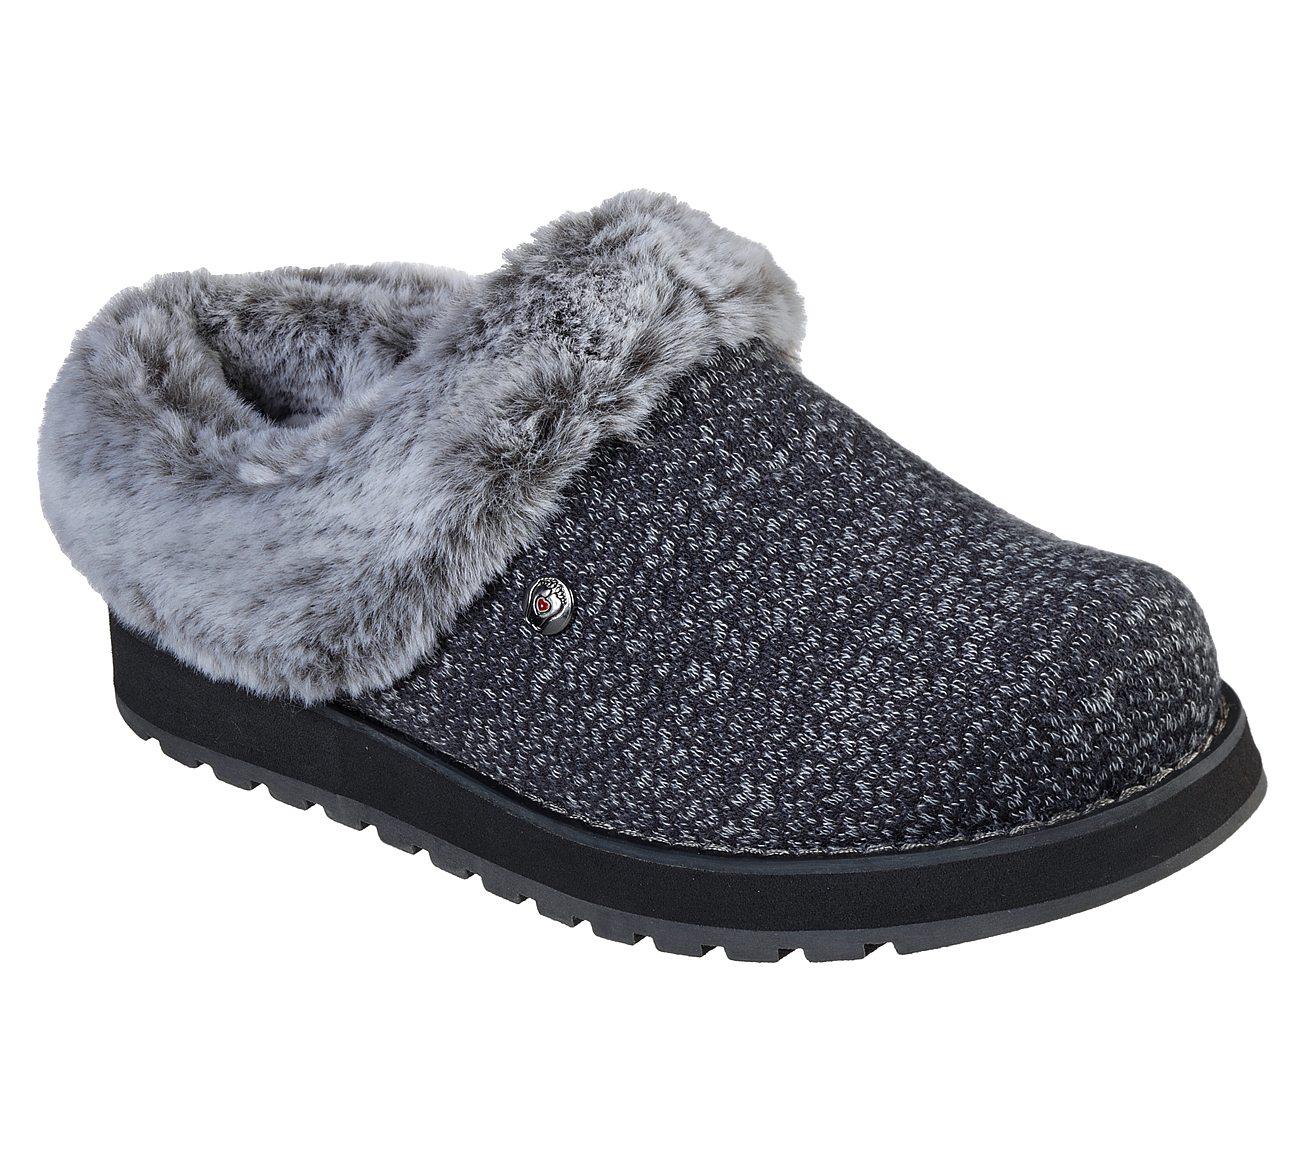 skechers shoes winter